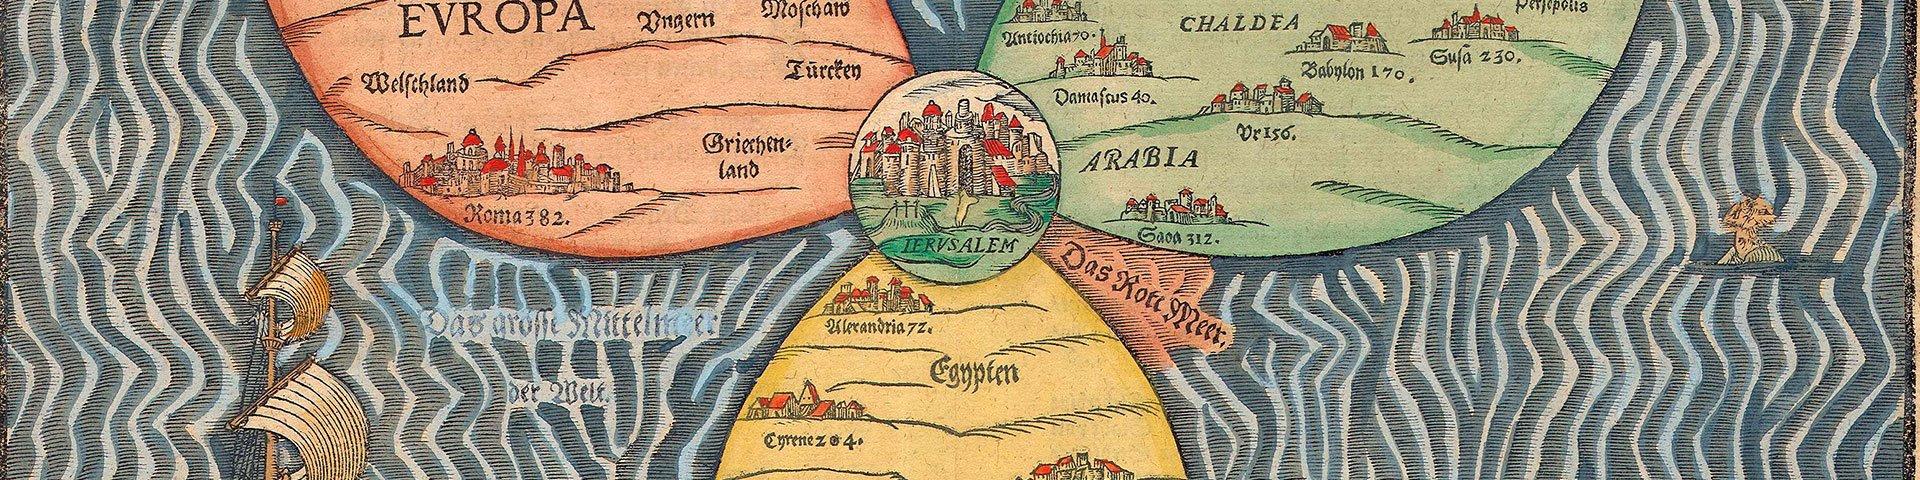 La cartografía del Renacimiento. Atlas y titanes